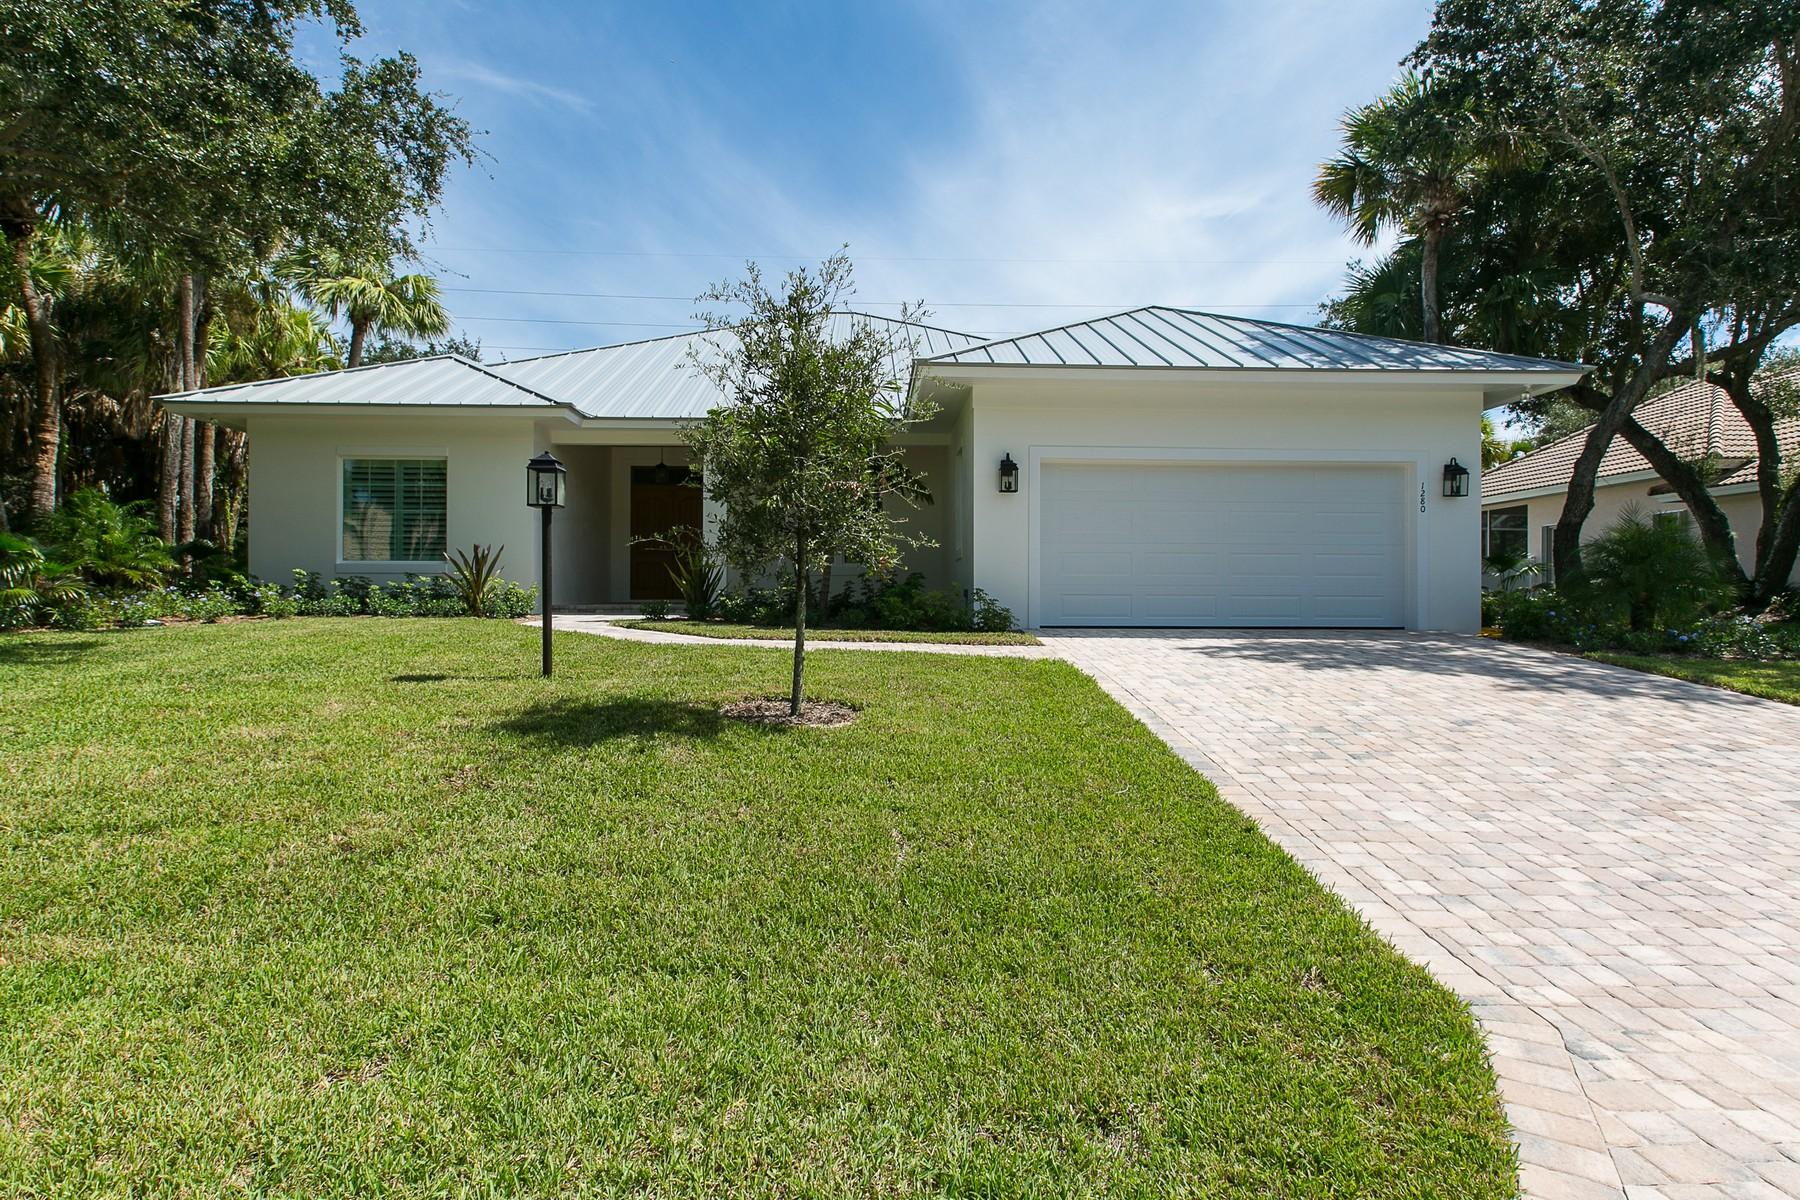 Terreno por un Venta en To Be Constructed Golf Club Home in Bent Pine 5730 Glen Eagle Lane Vero Beach, Florida, 32967 Estados Unidos